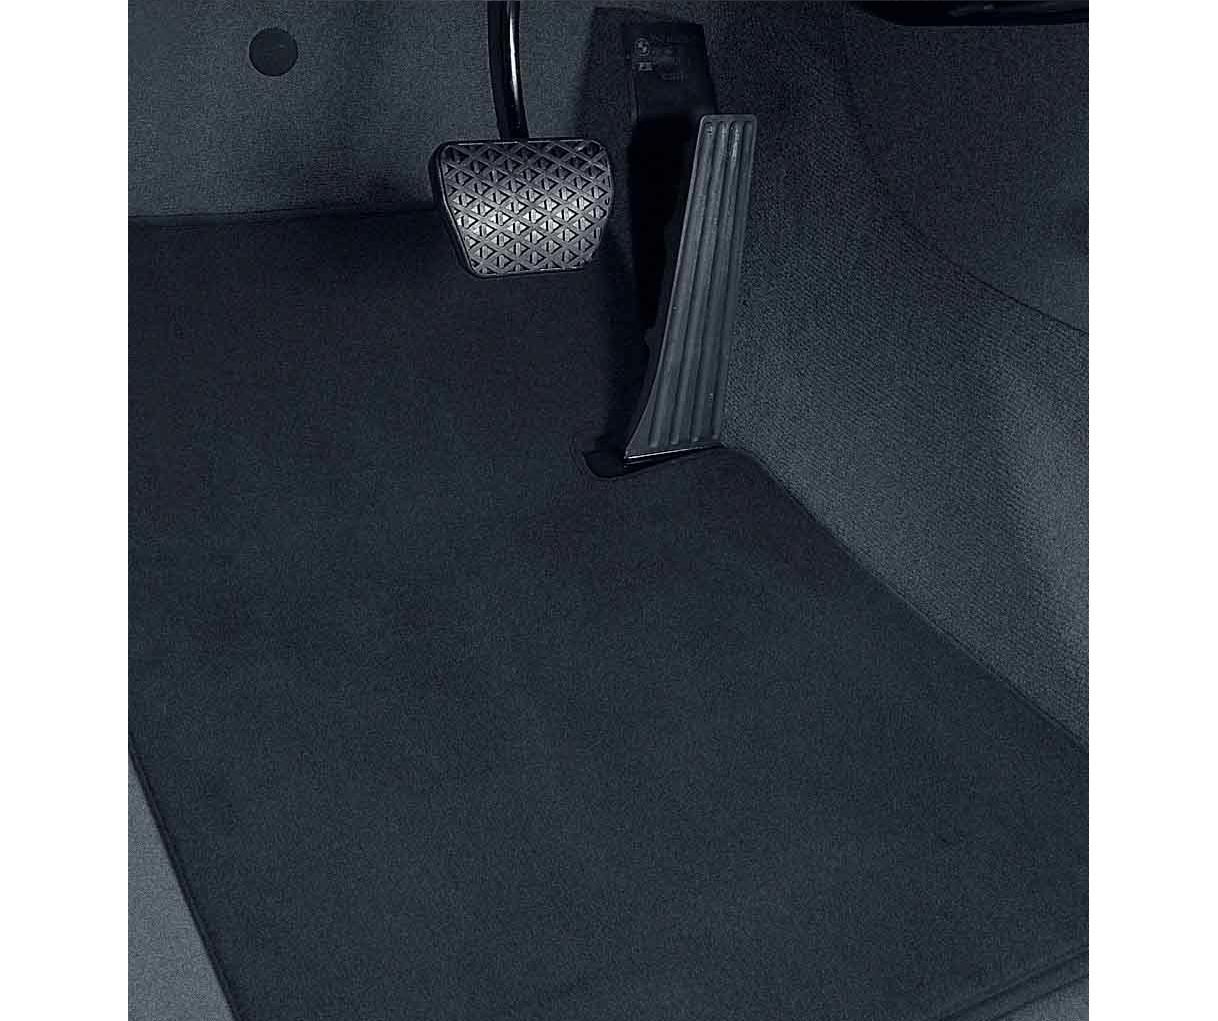 Bmw floor mats z4 -